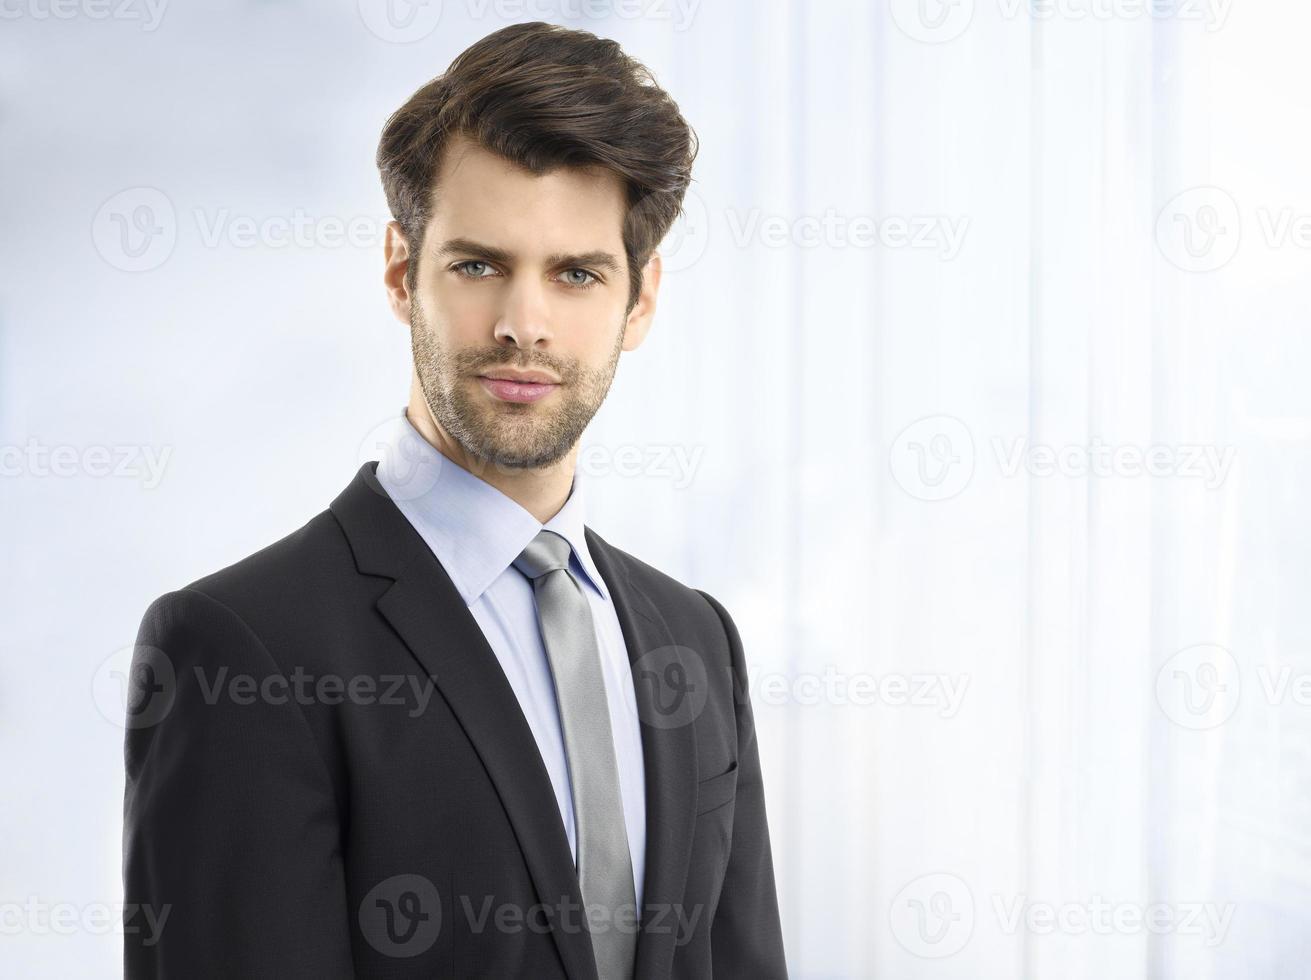 säker ung affärsman porträtt foto